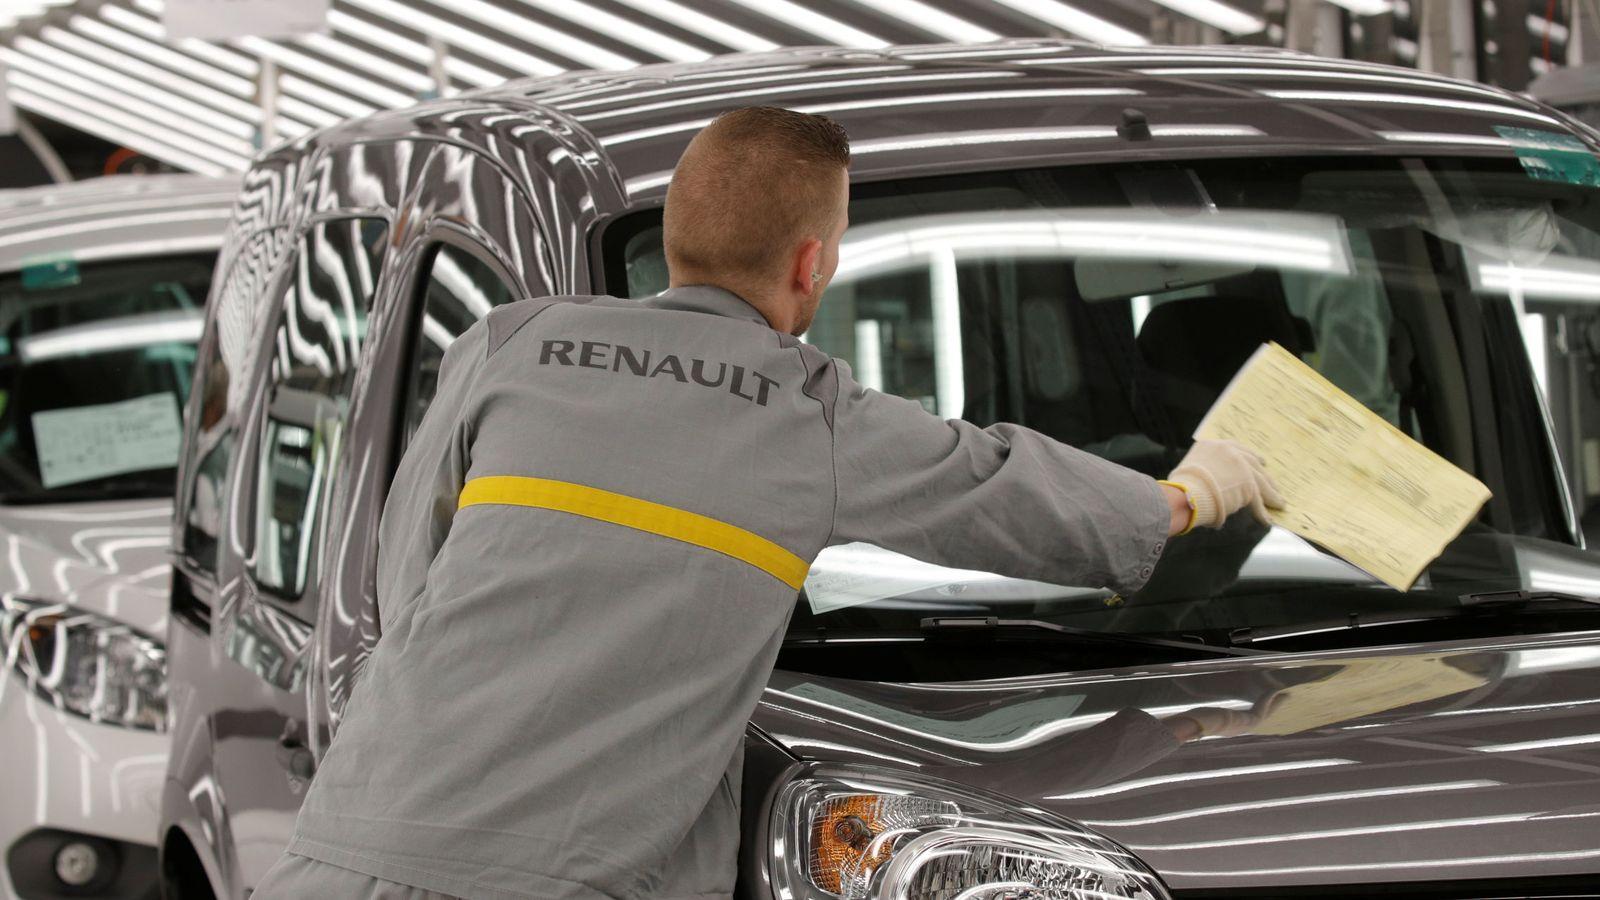 Manifestación en Francia contra el traslado de una planta de Renault